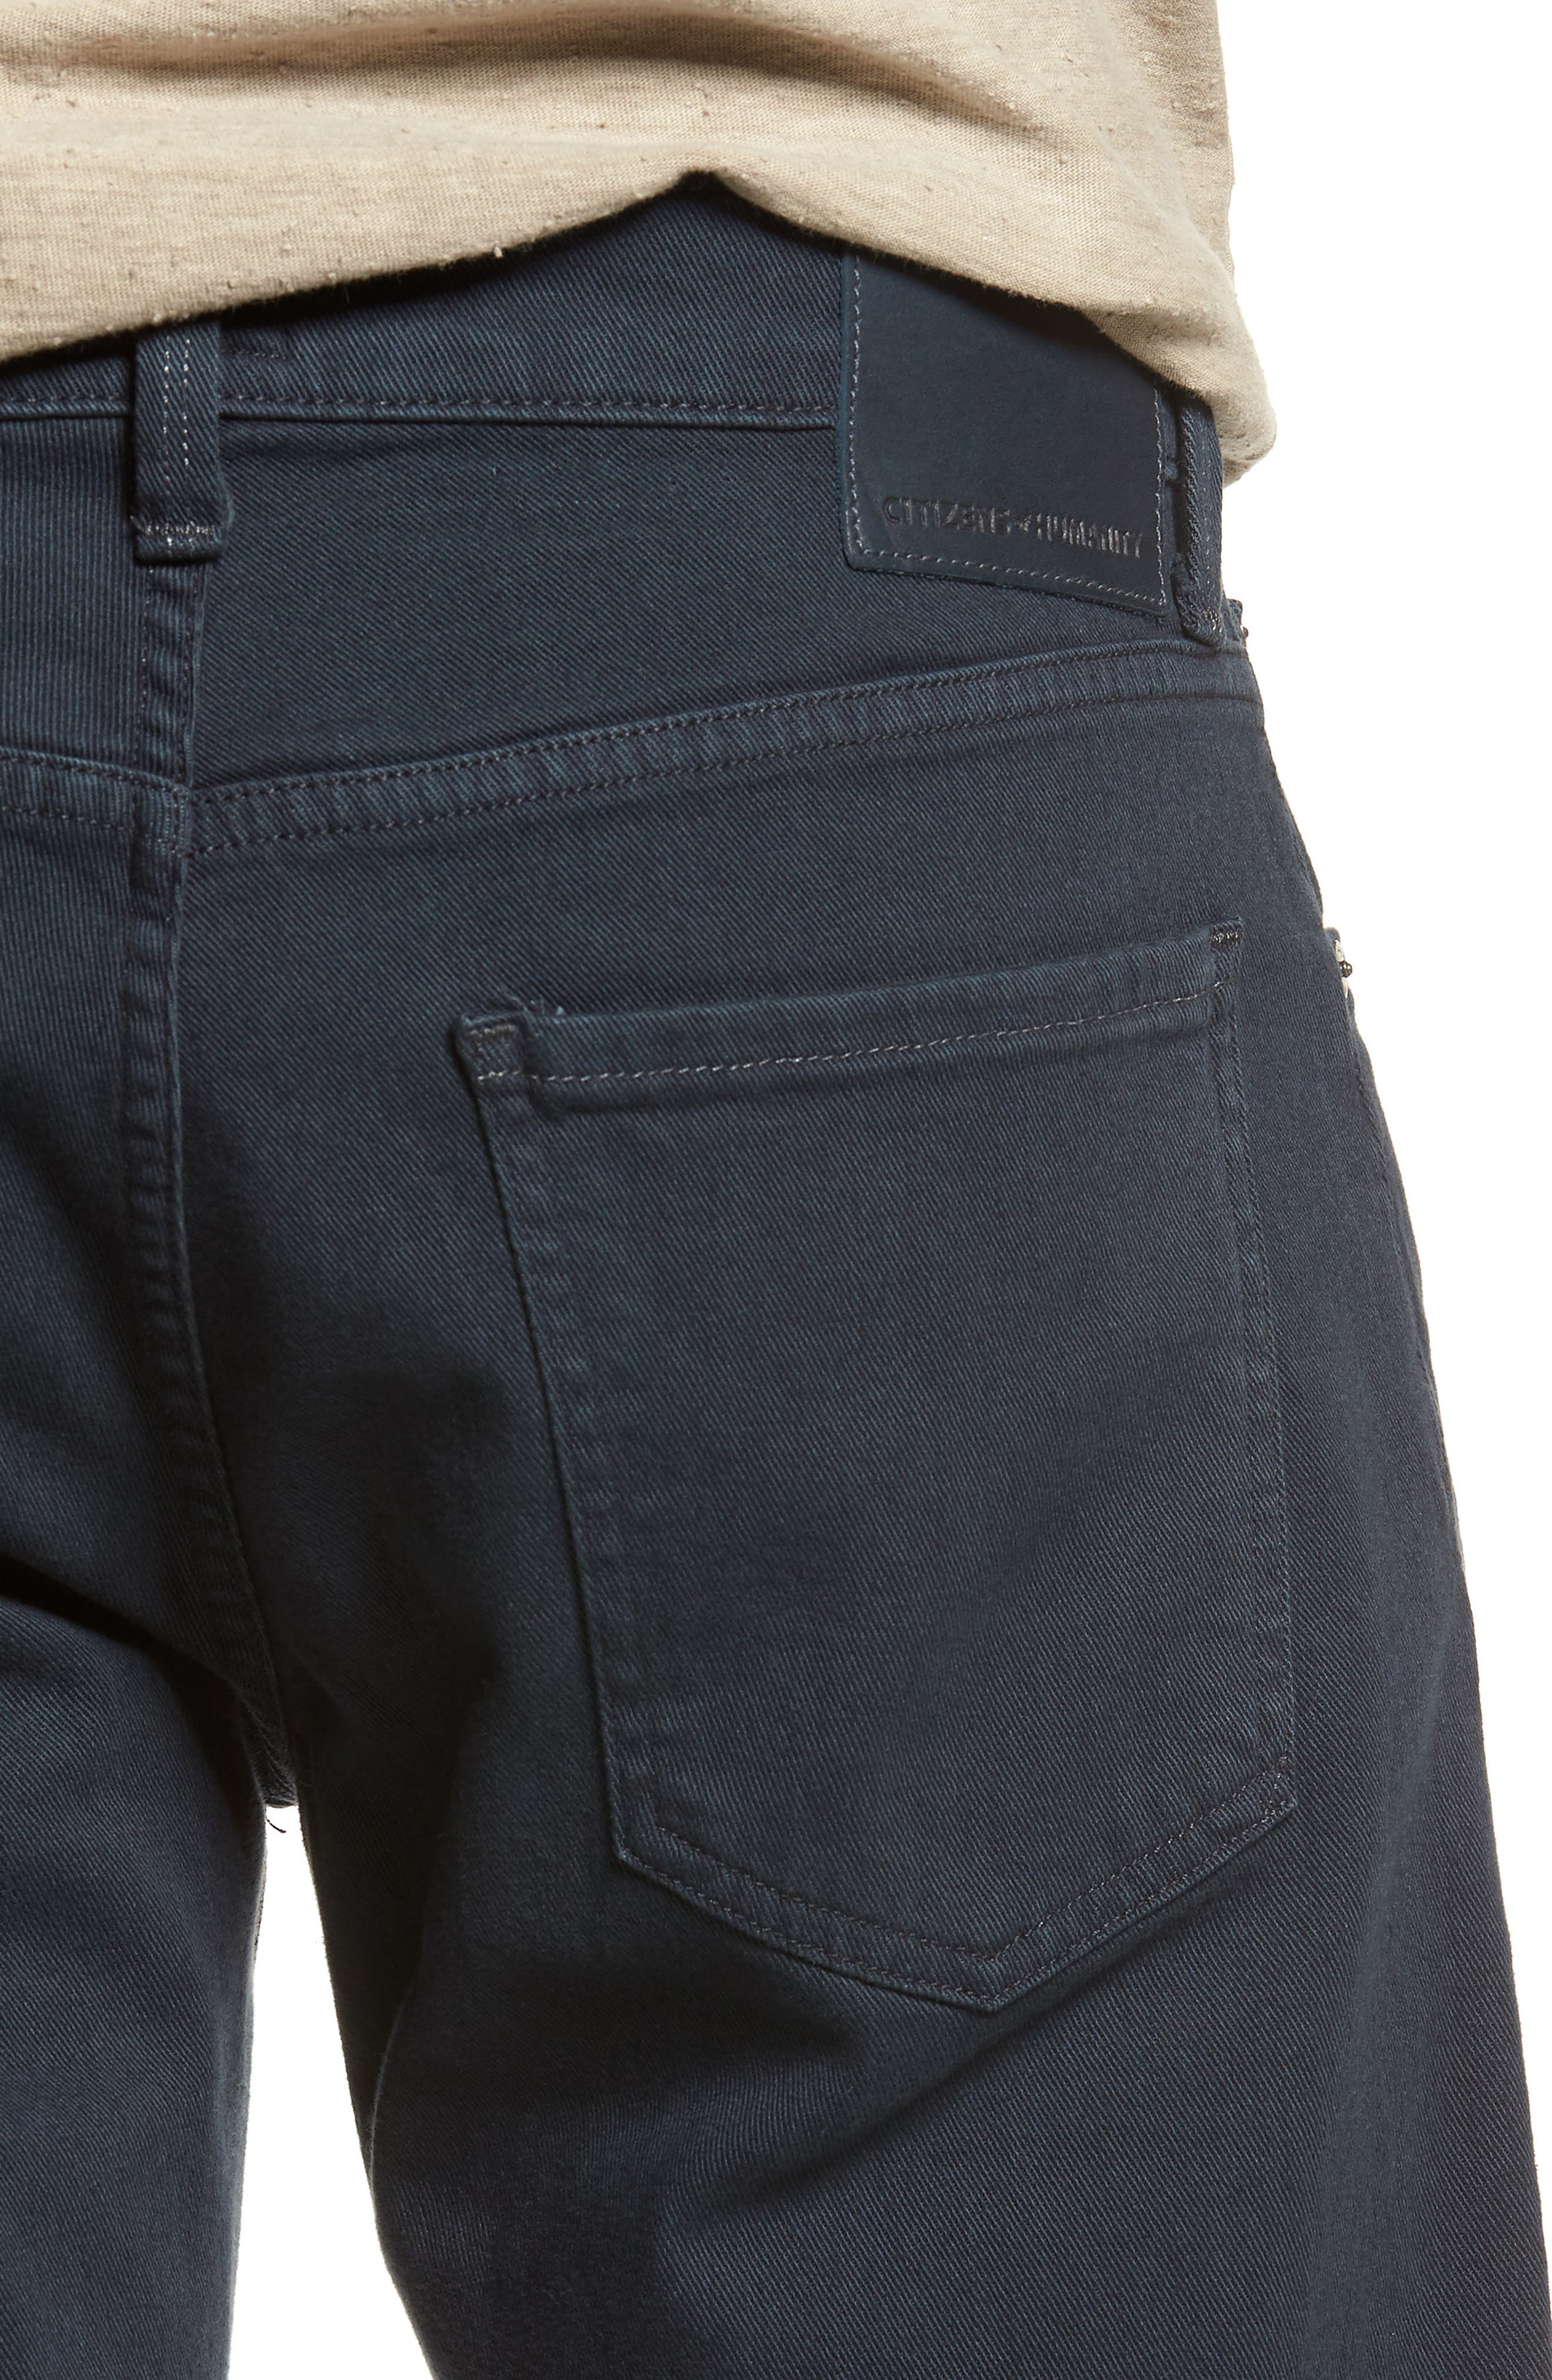 Core Slim Fit Jeans,                             Alternate thumbnail 4, color,                             MECCA